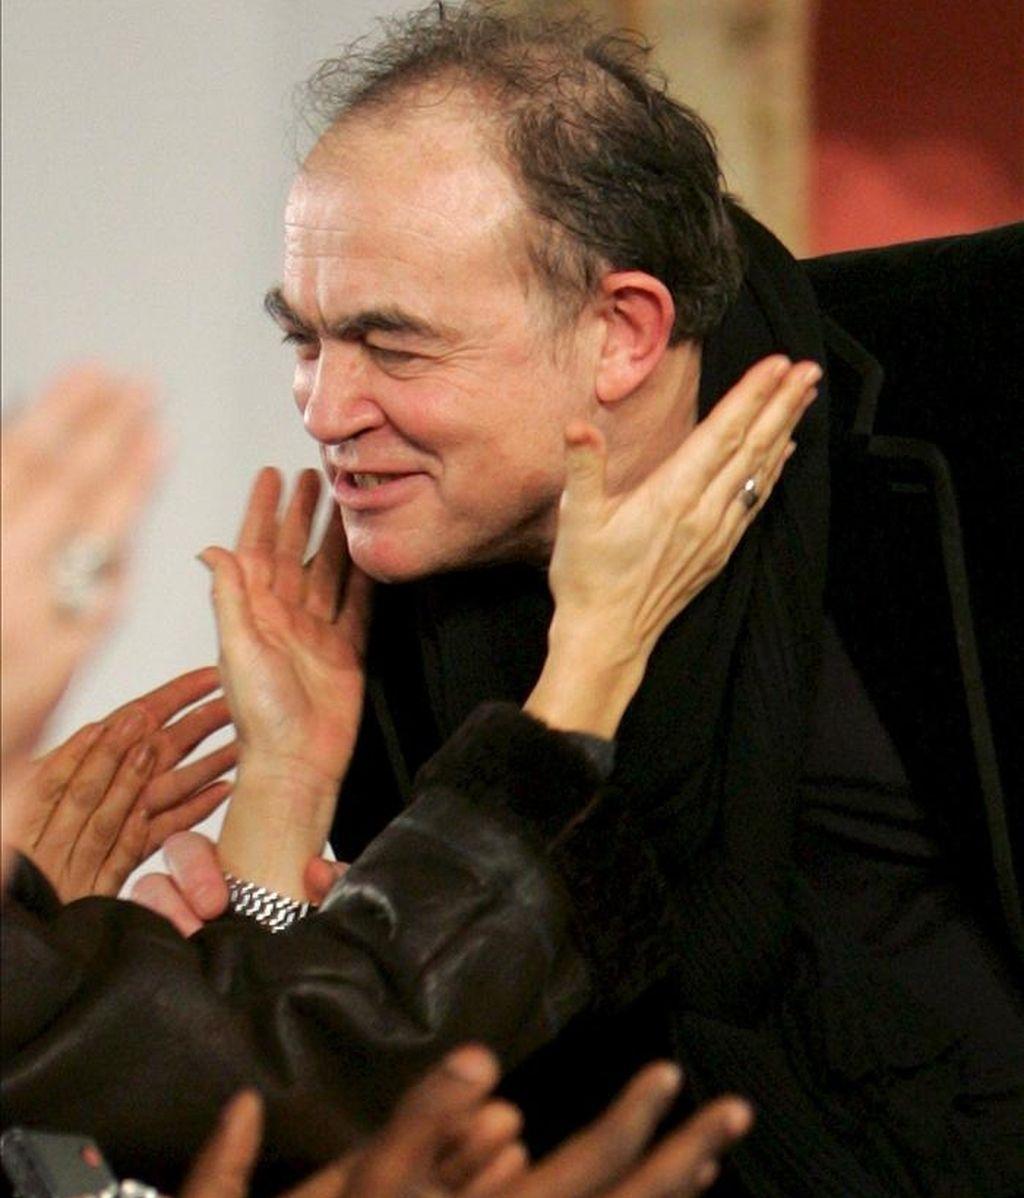 El diseñador francés Christian Lacroix recibe las felicitaciones del público tras la presentación de su colección de alta costura primavera/verano 2009 en de la Semana de la Moda de París, Francia. EFE/Archivo